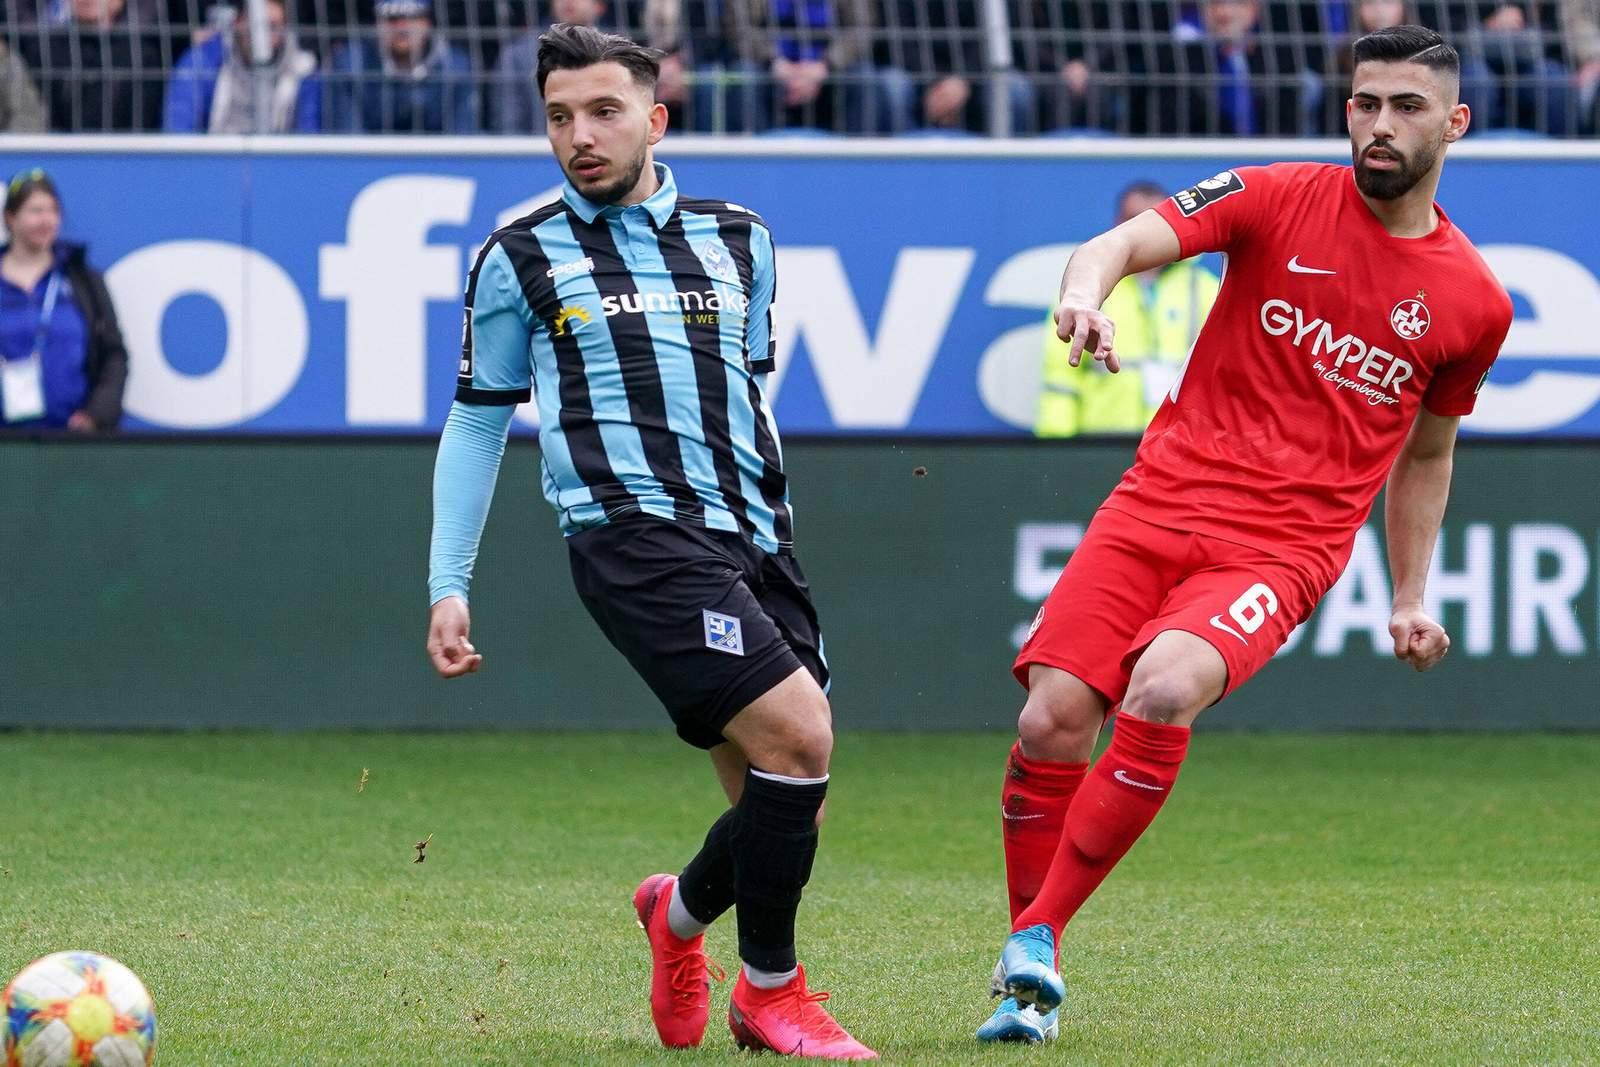 Arianit Ferati von Waldhof Mannheim und Hikmet Ciftci vom FCK